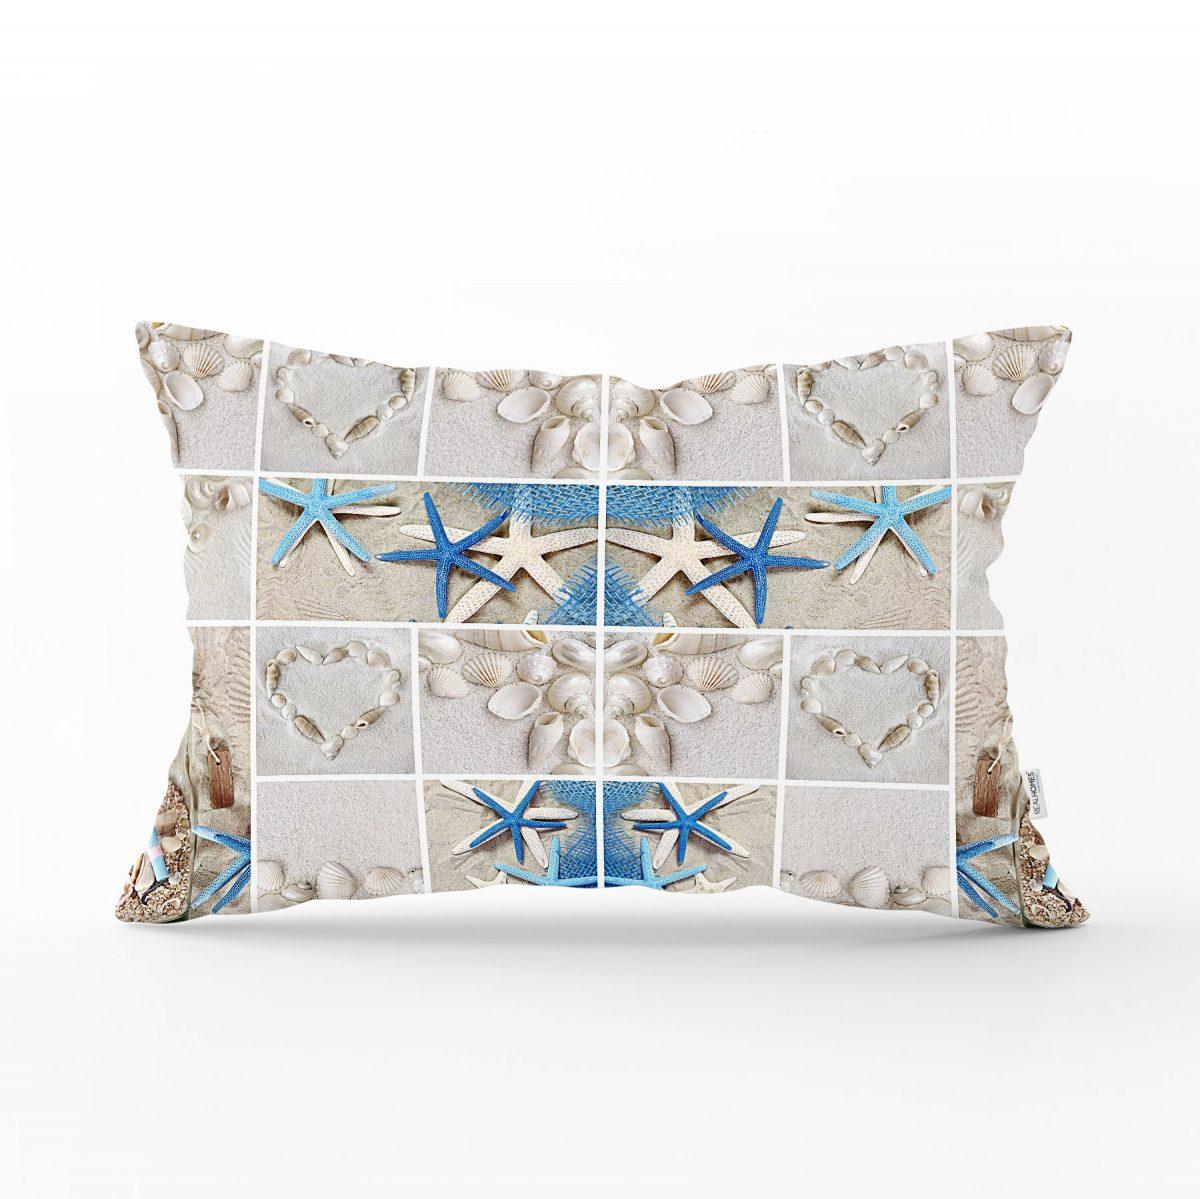 Deniz Yıldızı Dijital Baskılı Dekoratif Dikdörtgen Yastık Kırlent Kılıfı Realhomes